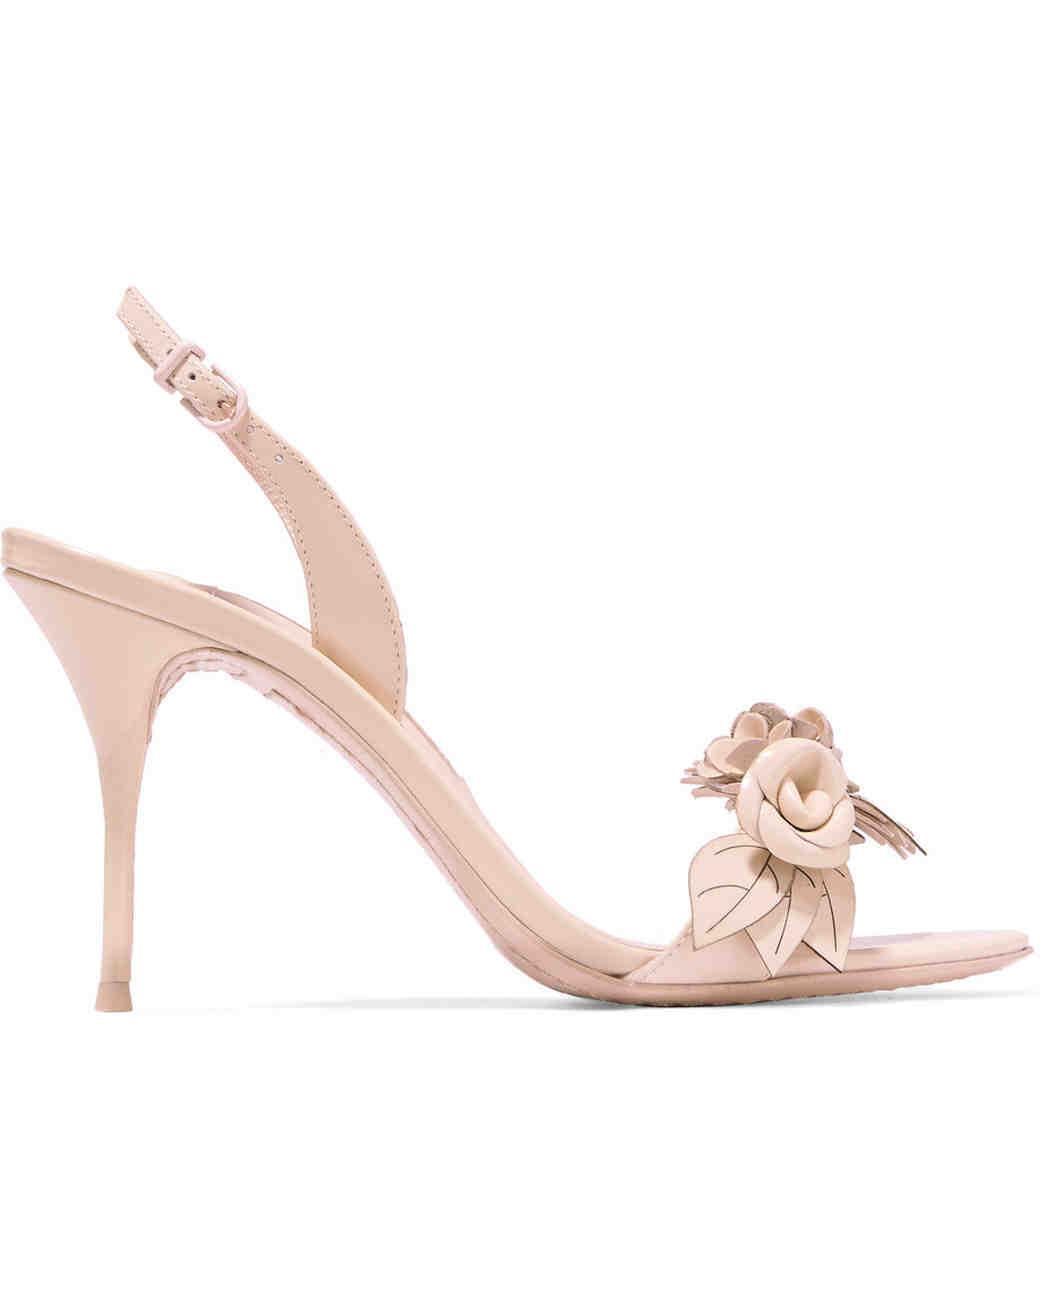 Nude Wedding Heels b53CK8XT